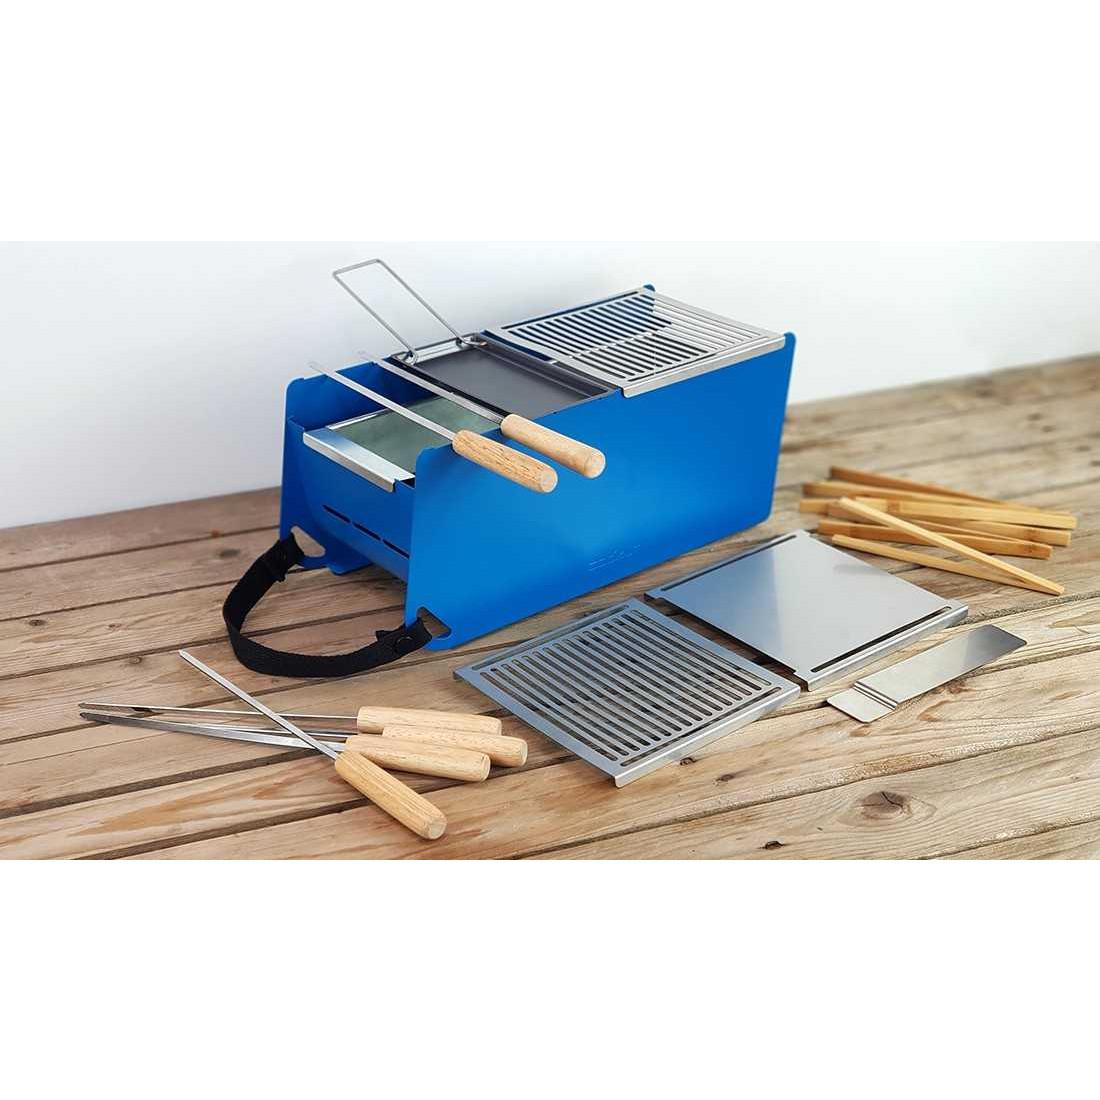 Holzkohle- & Wasser-Tischgrill Yaki | Blau